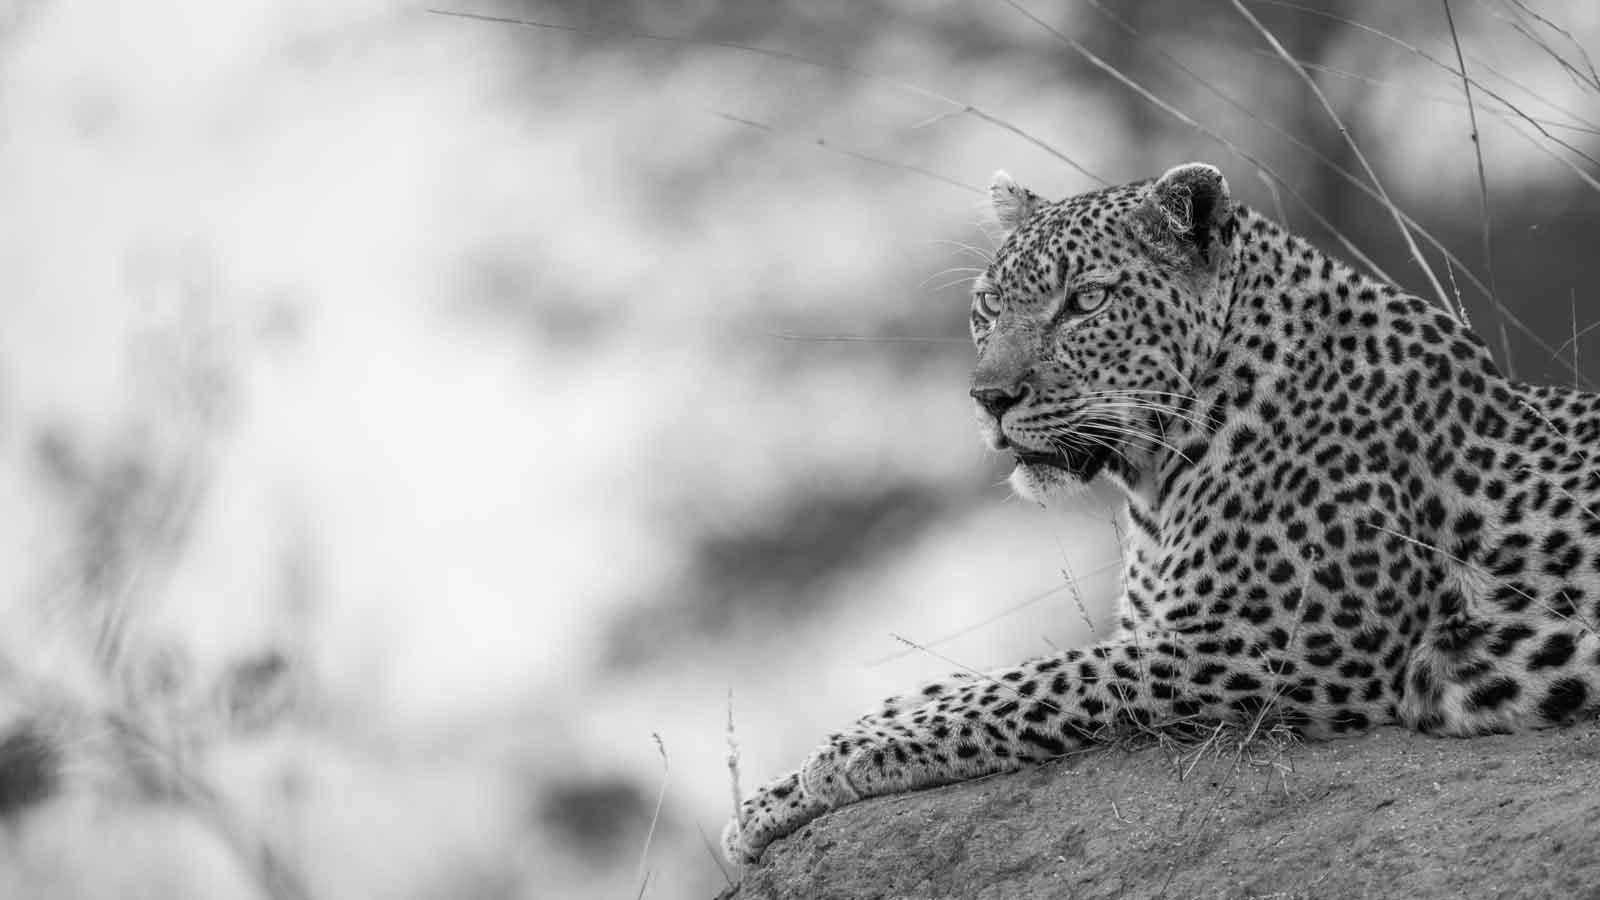 Leopard on Rock - Kevin MacLaughlin